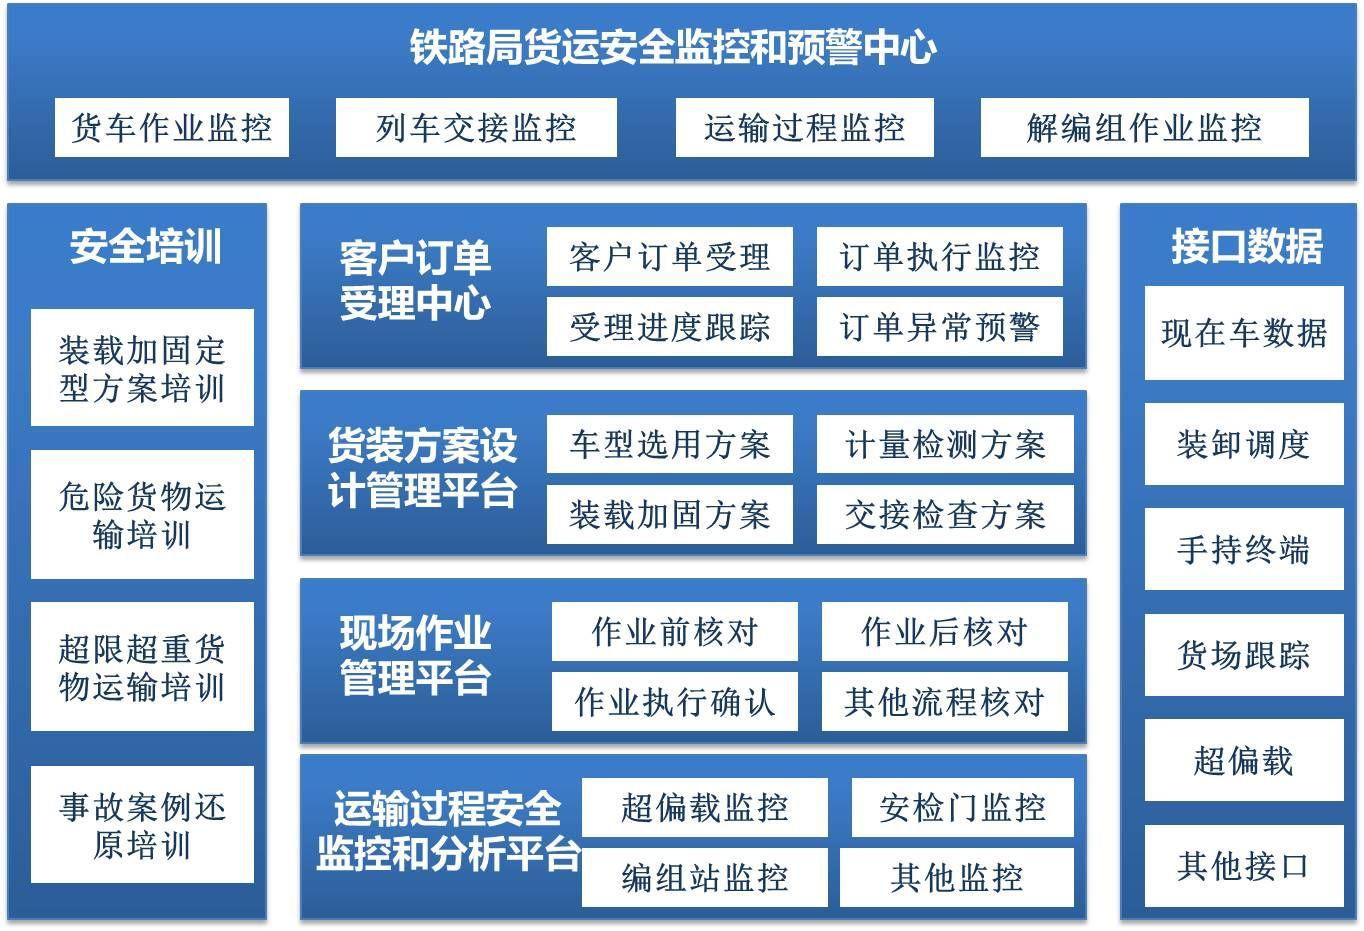 铁路货运作业监控和预警系统